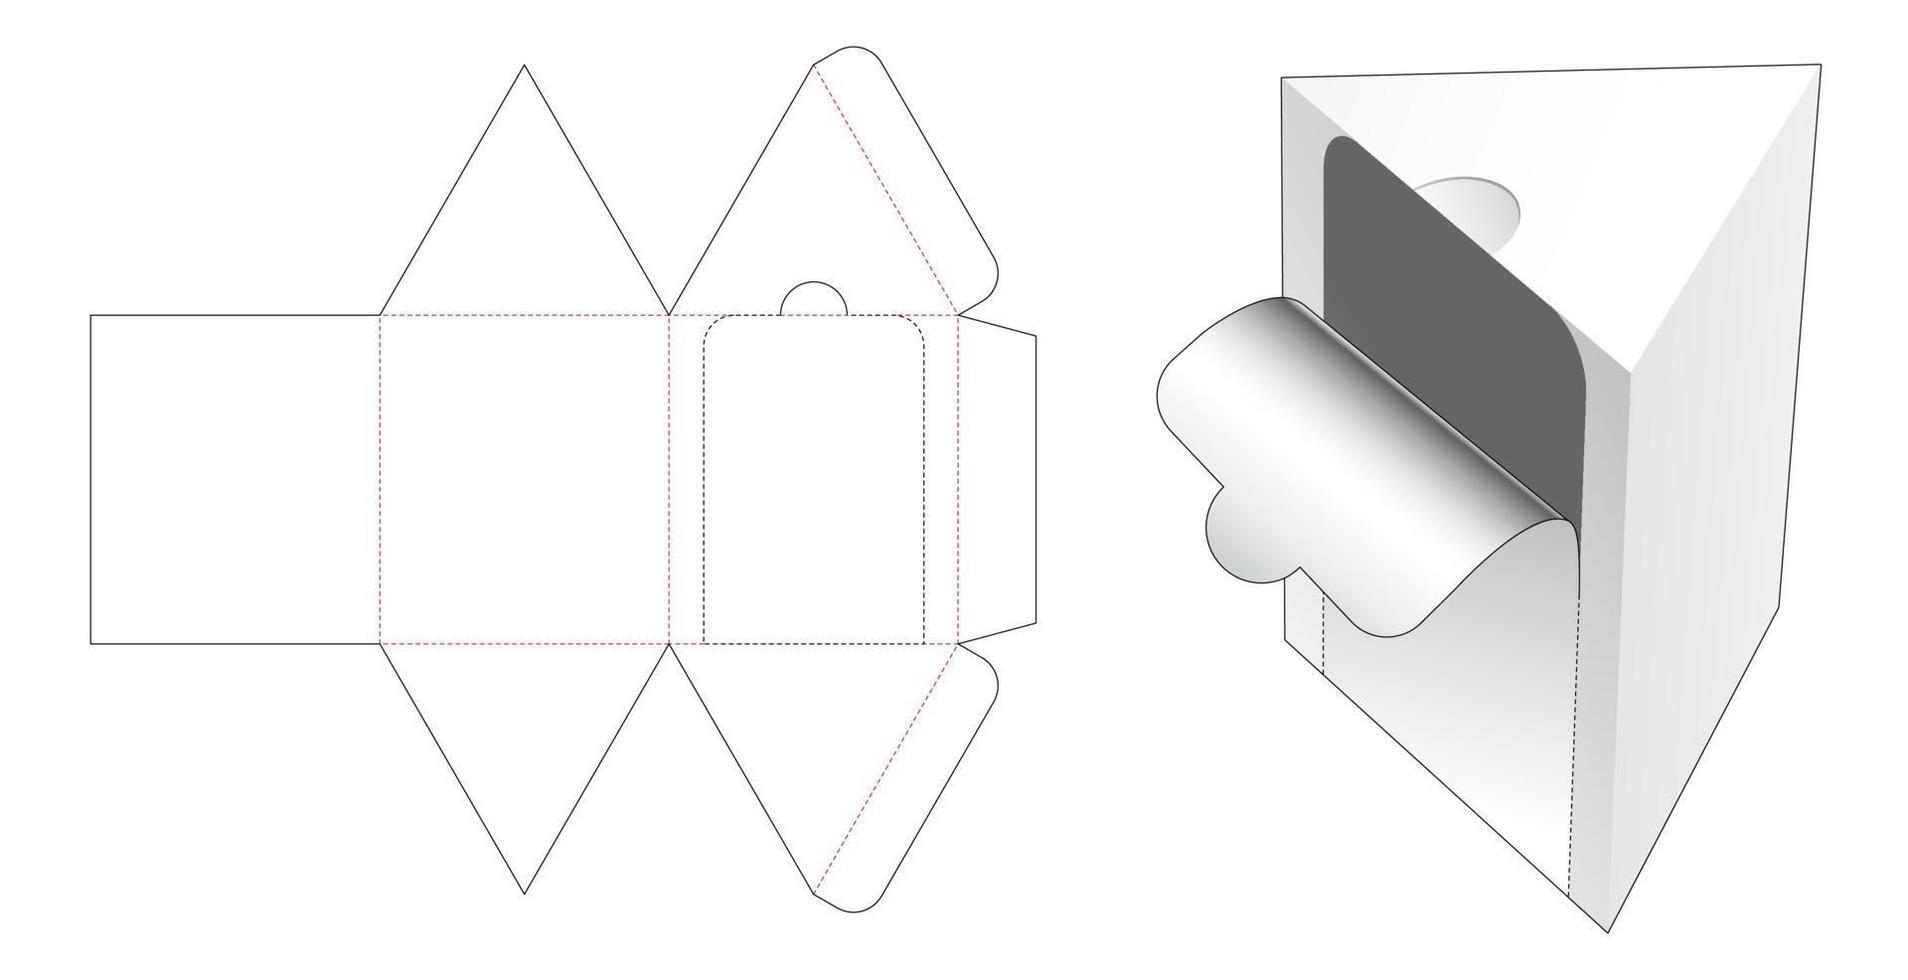 gabarit découpé à l'emporte-pièce d'emballage triangulaire vecteur